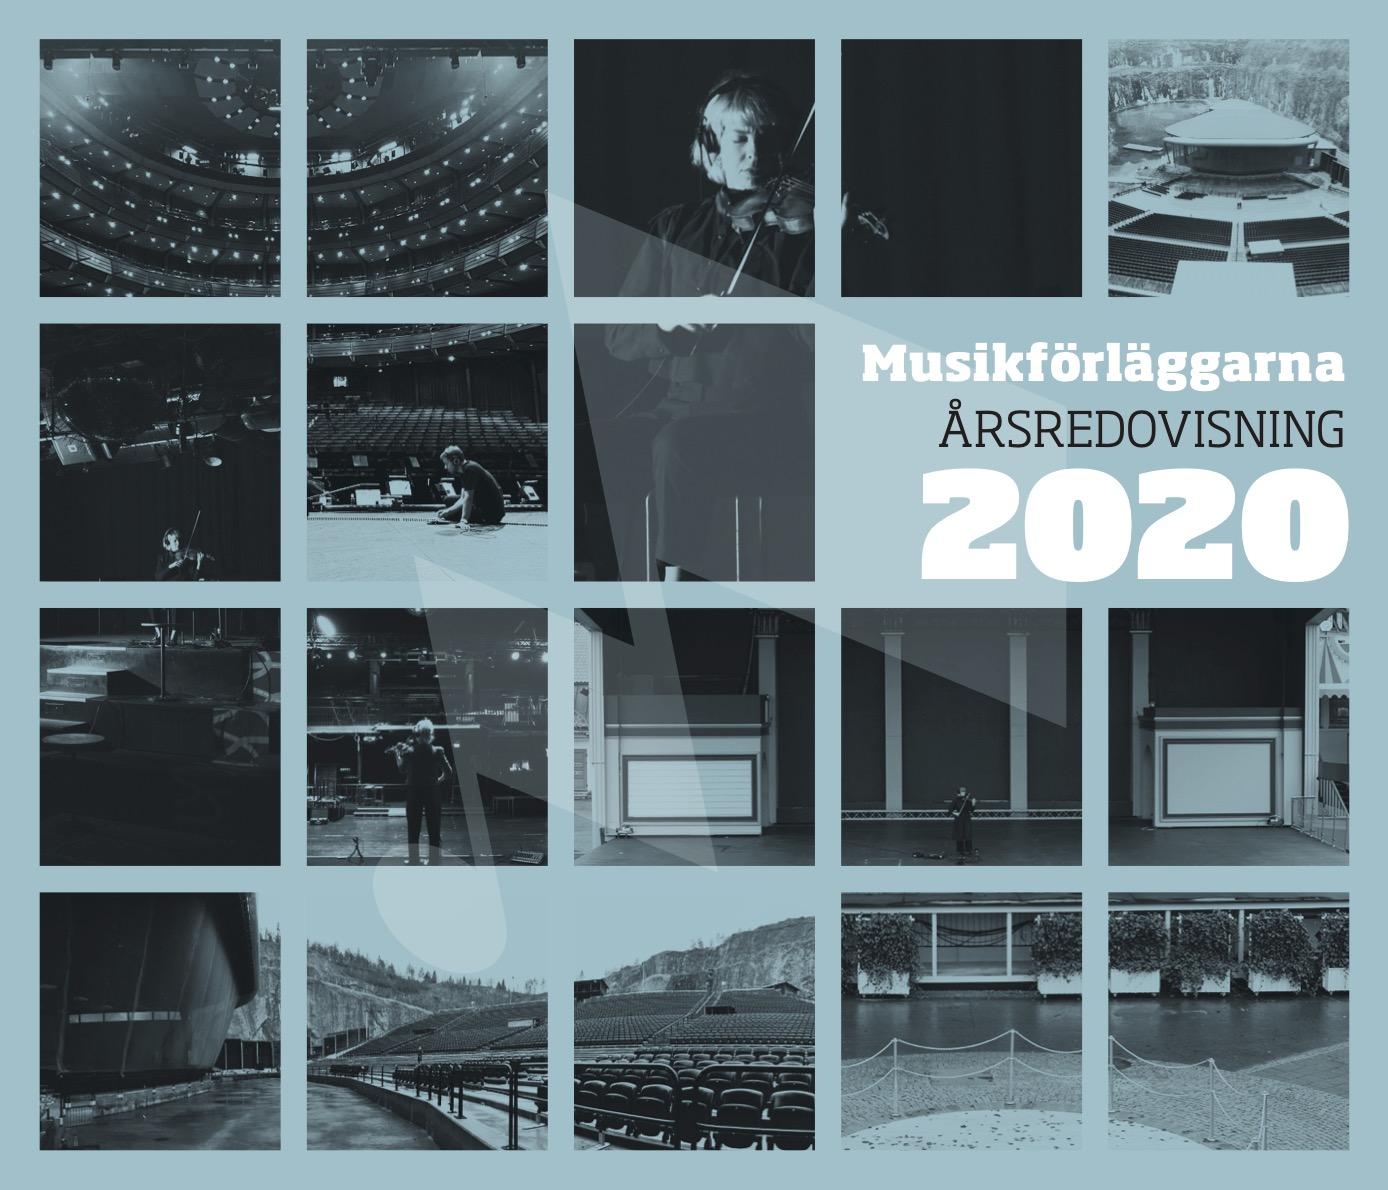 Musikförläggarnas årsredovisning 2020